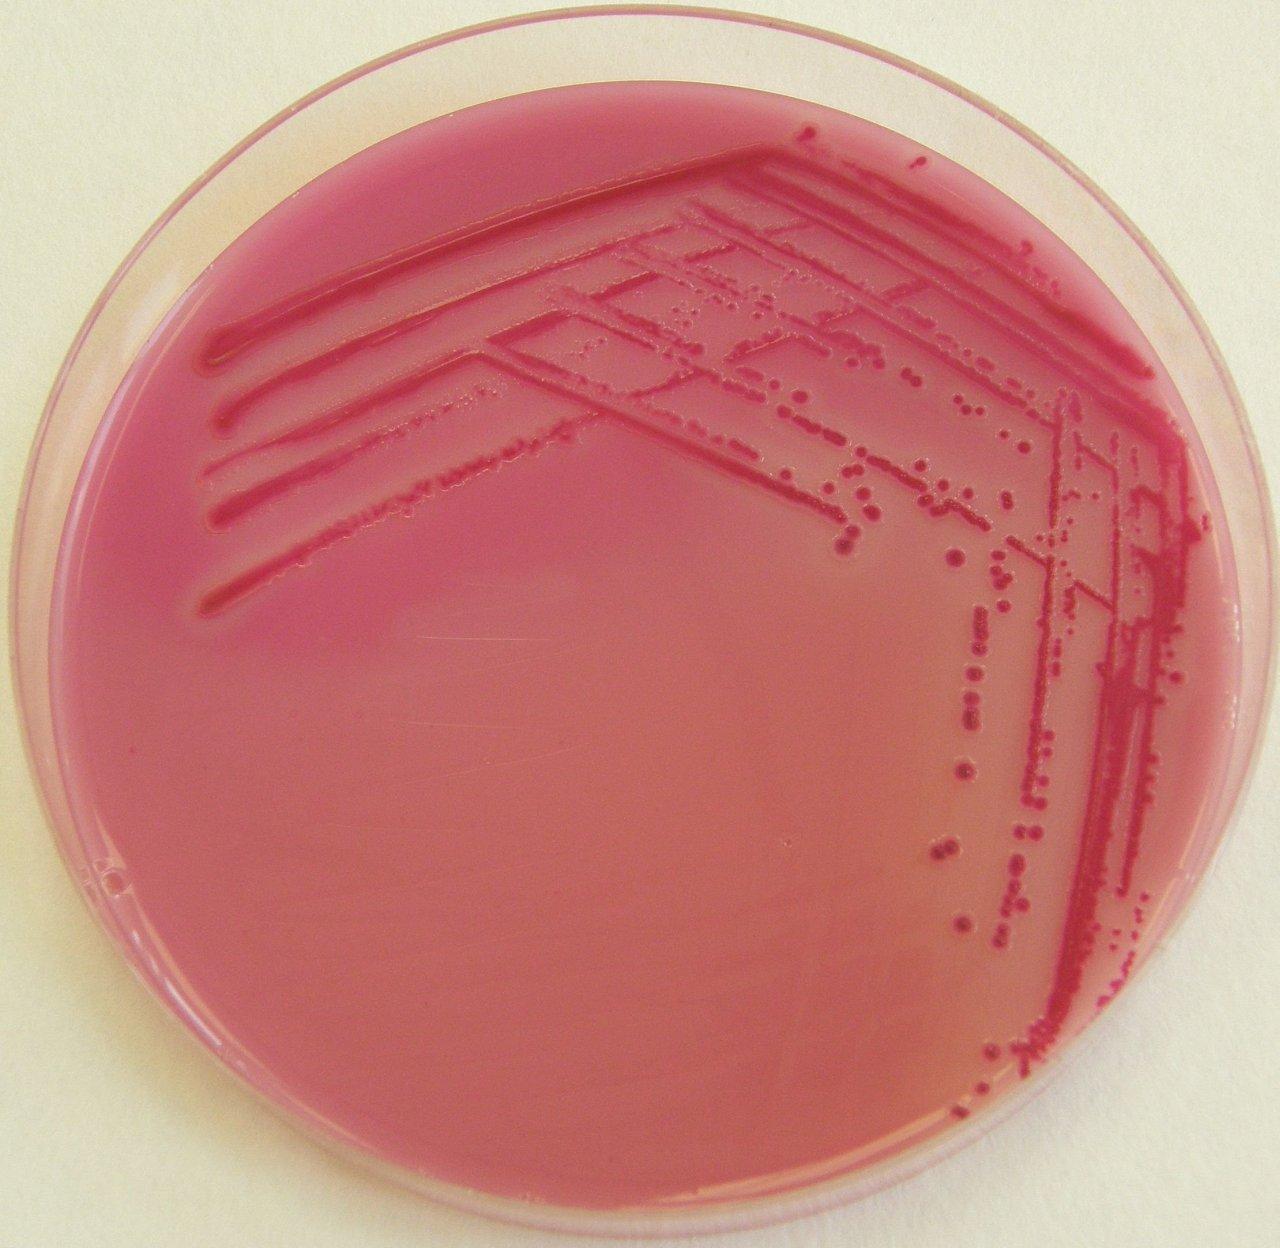 кейт придерживается картинки шигелл микробиология известна ролям таких